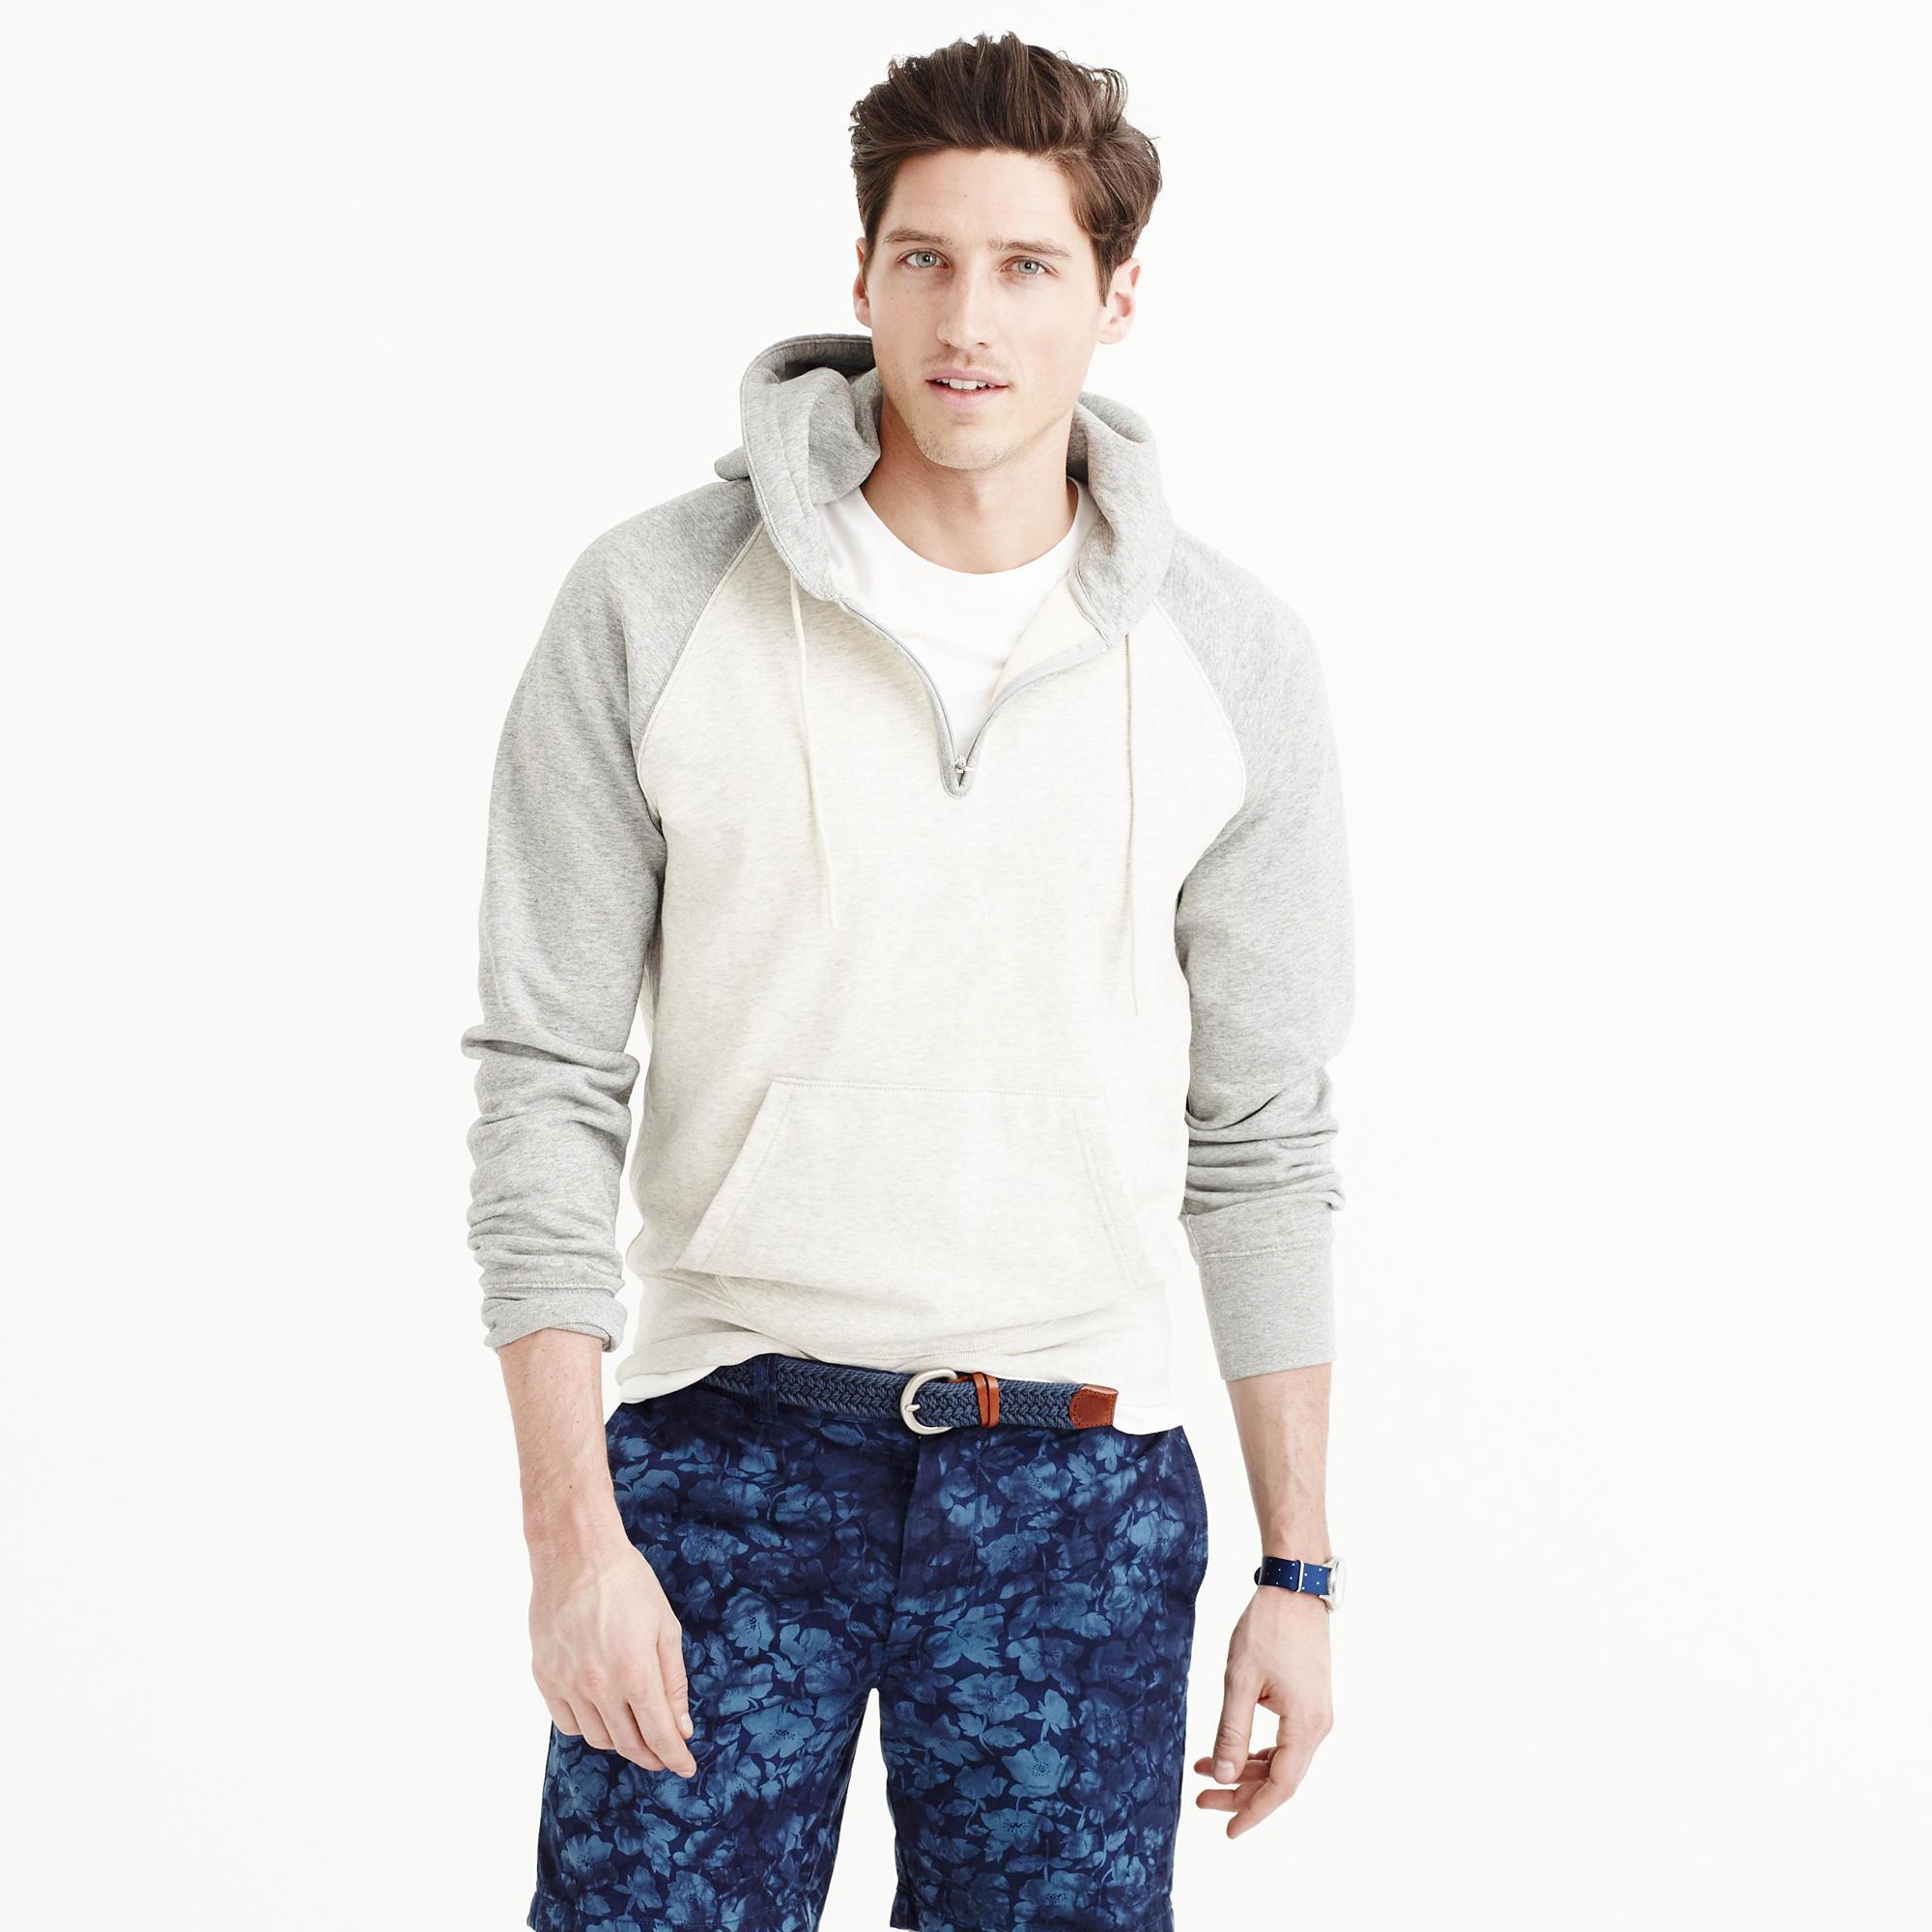 lyst j crew half zip hoodie in colorblock in gray for men. Black Bedroom Furniture Sets. Home Design Ideas